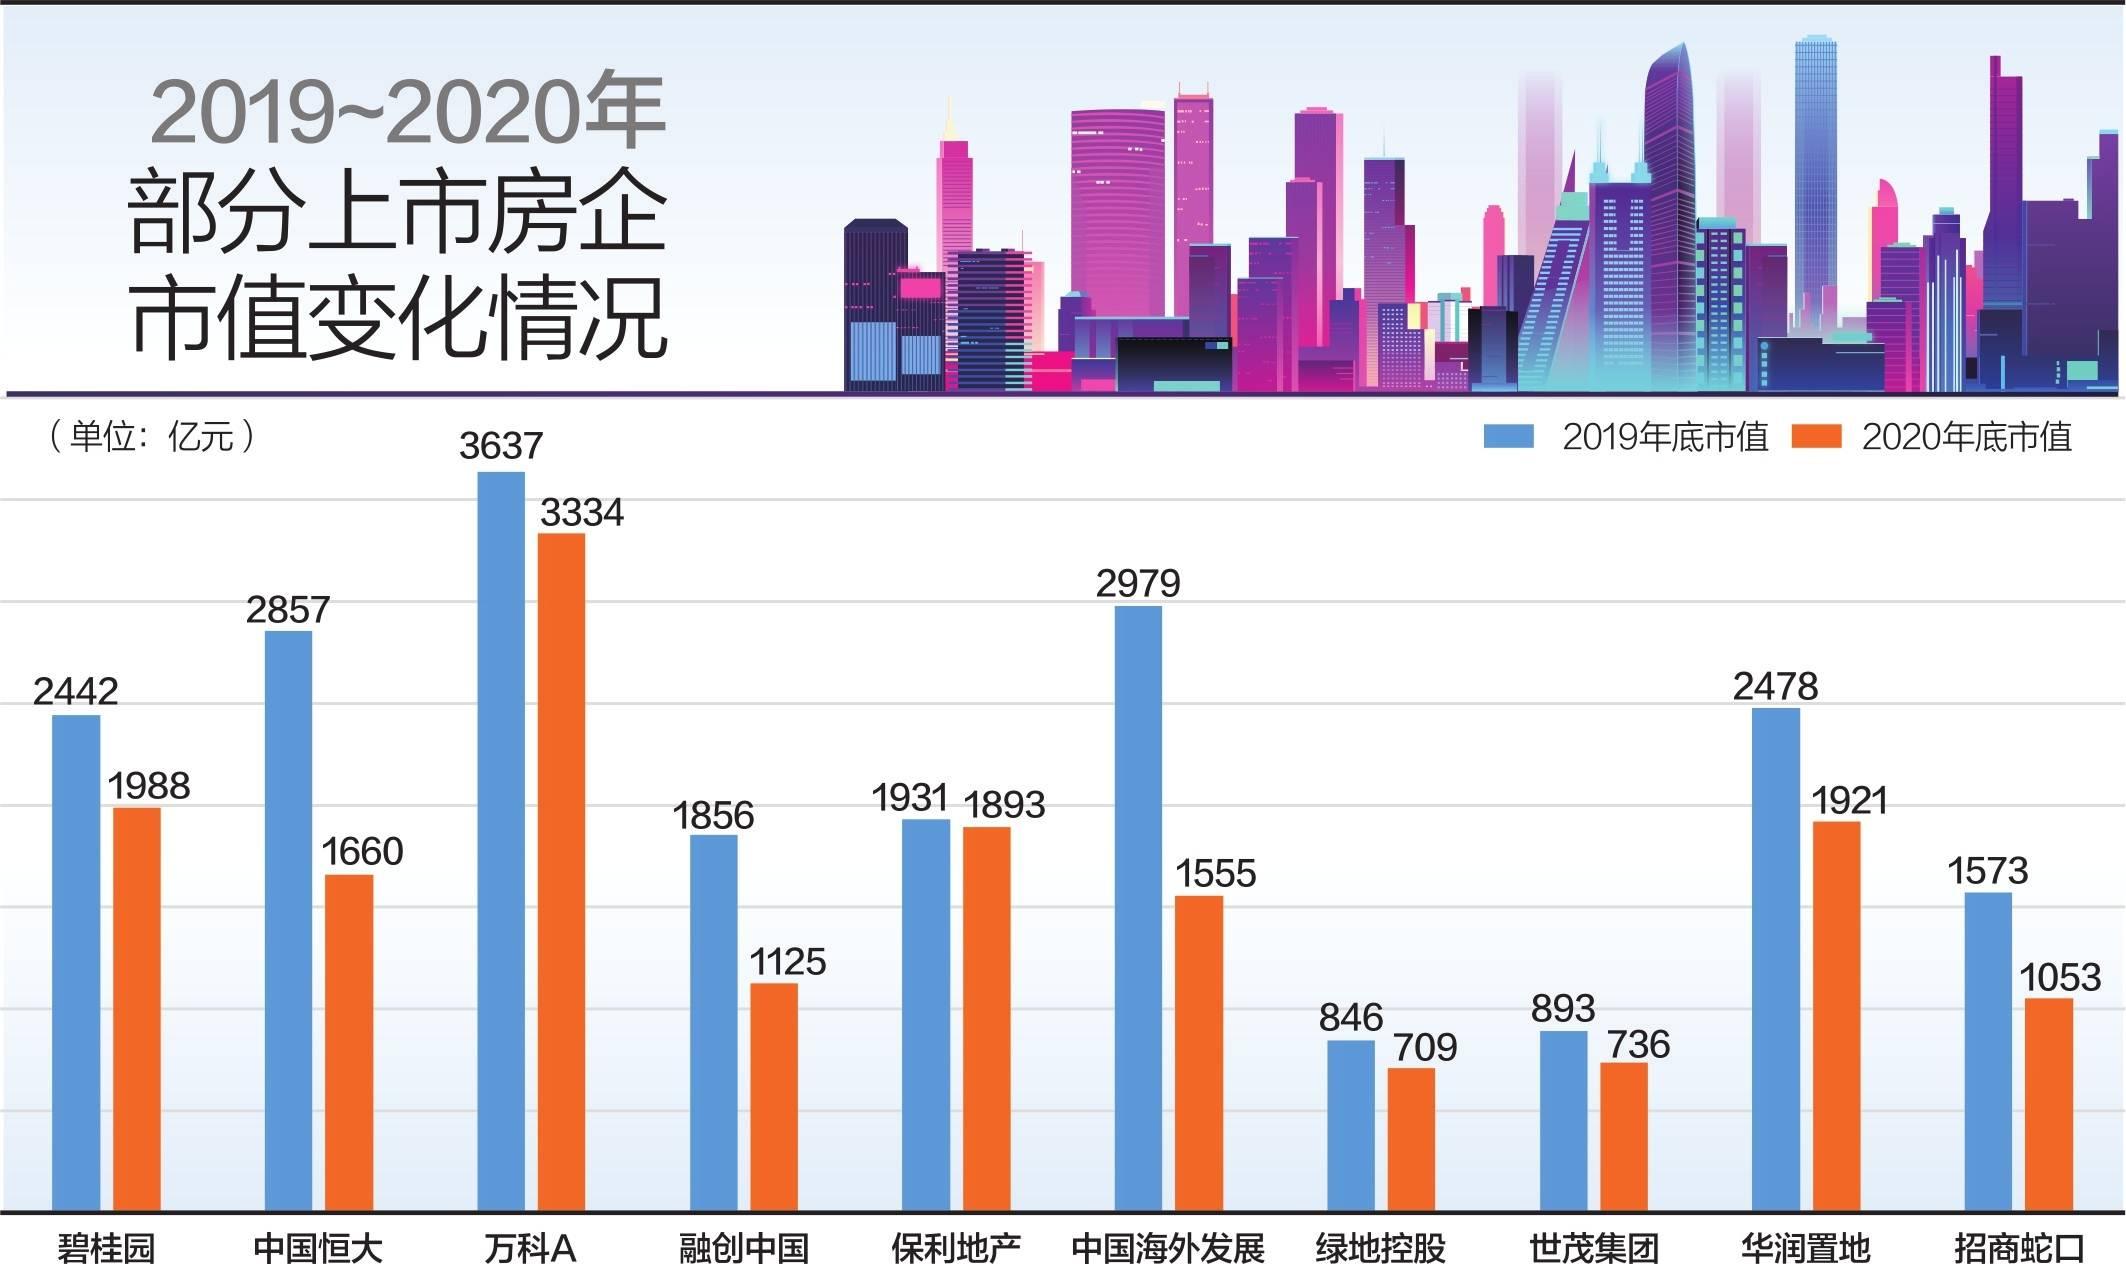 2020年地产股跑输大盘 50家上市房企市值缩水超8000亿